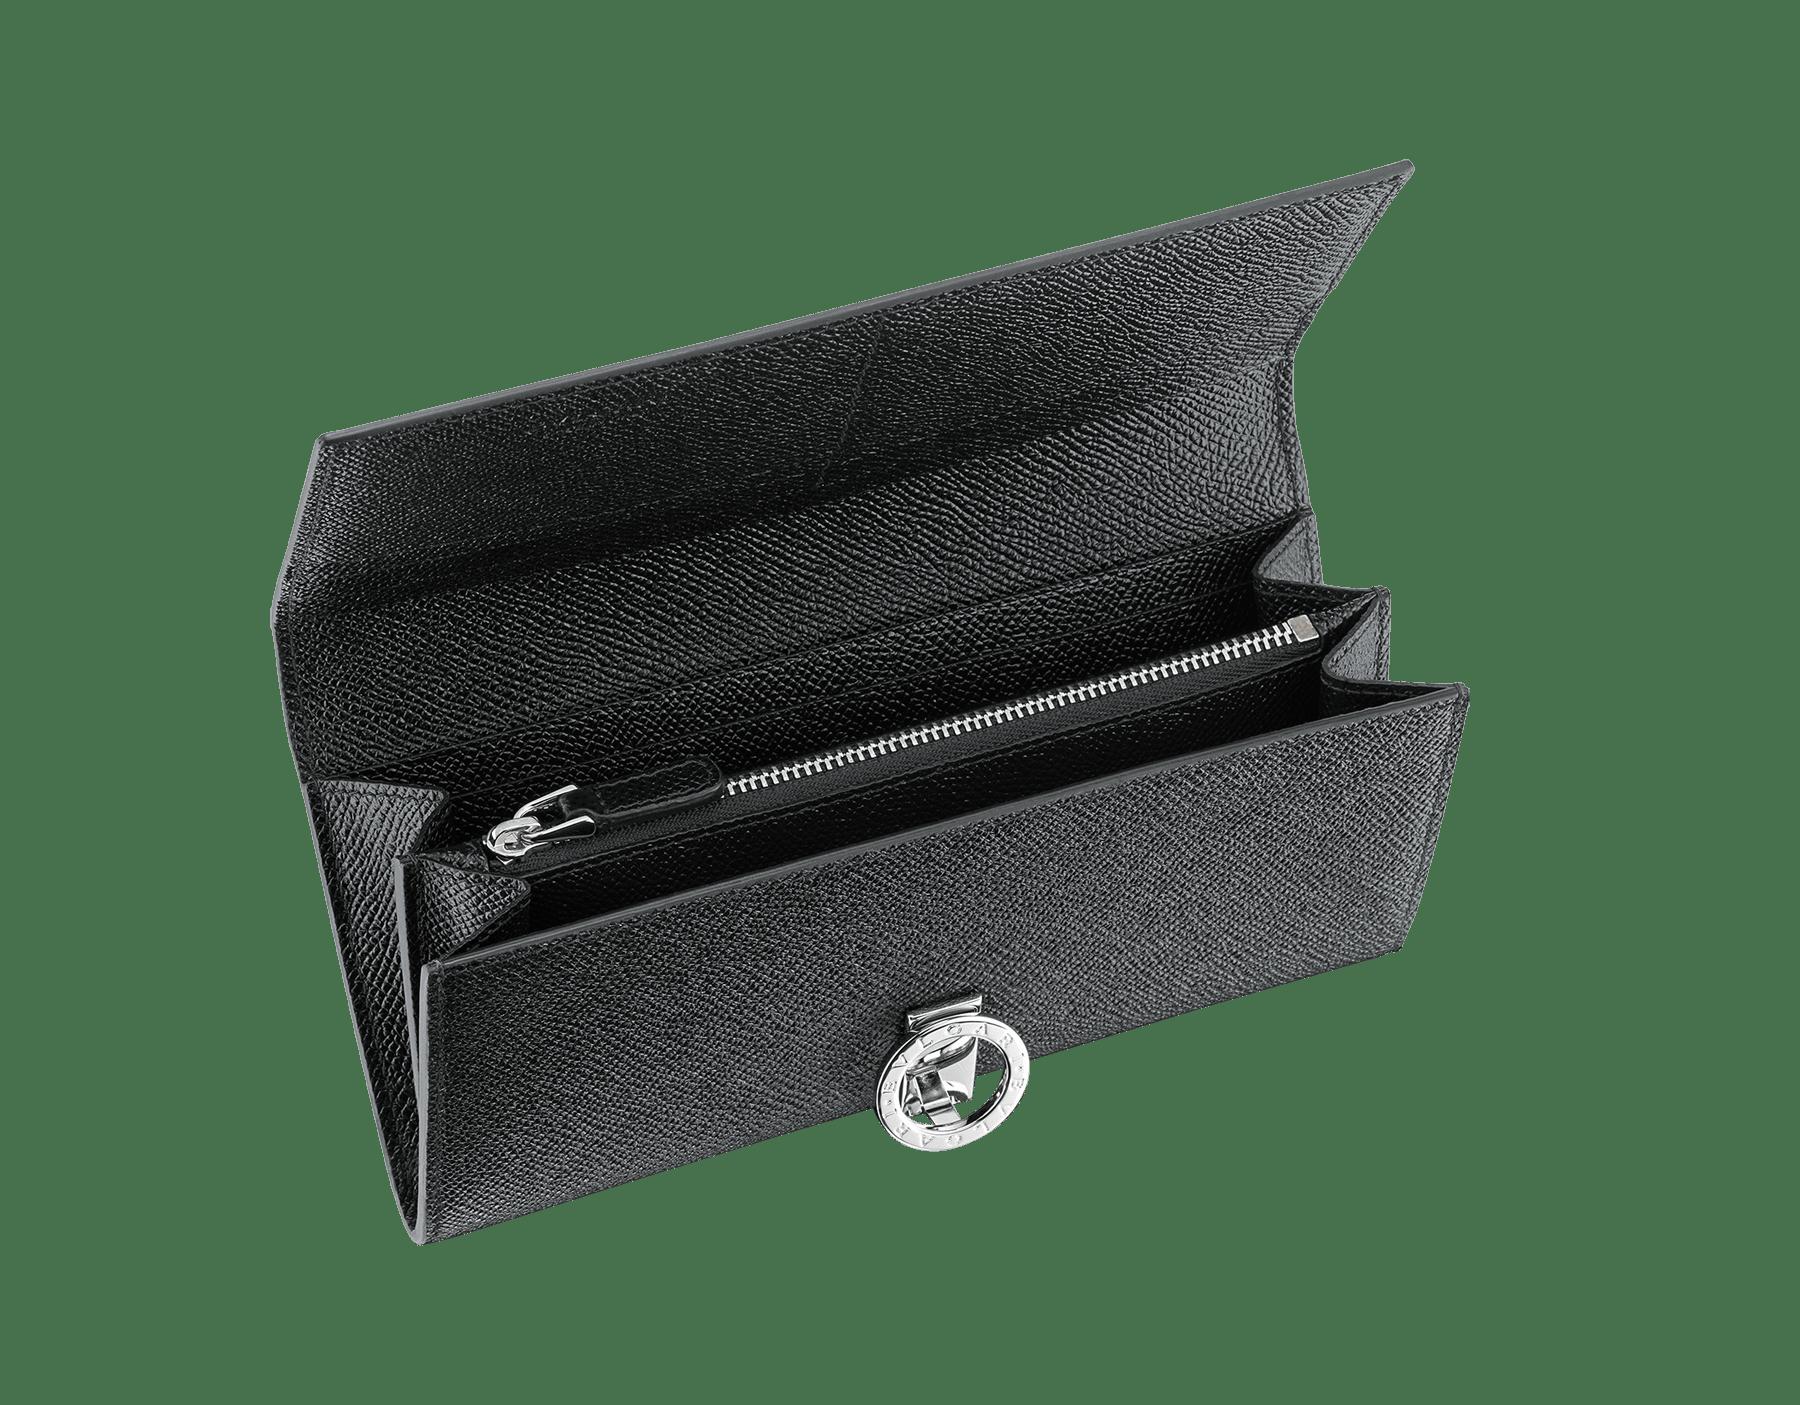 ブラックのグレインカーフレザー製ブルガリ・ブルガリ ウォレットポシェット。ブラスパラジウムプレートのアイコニックなロゴのクロージャークリップ。 289381 image 2